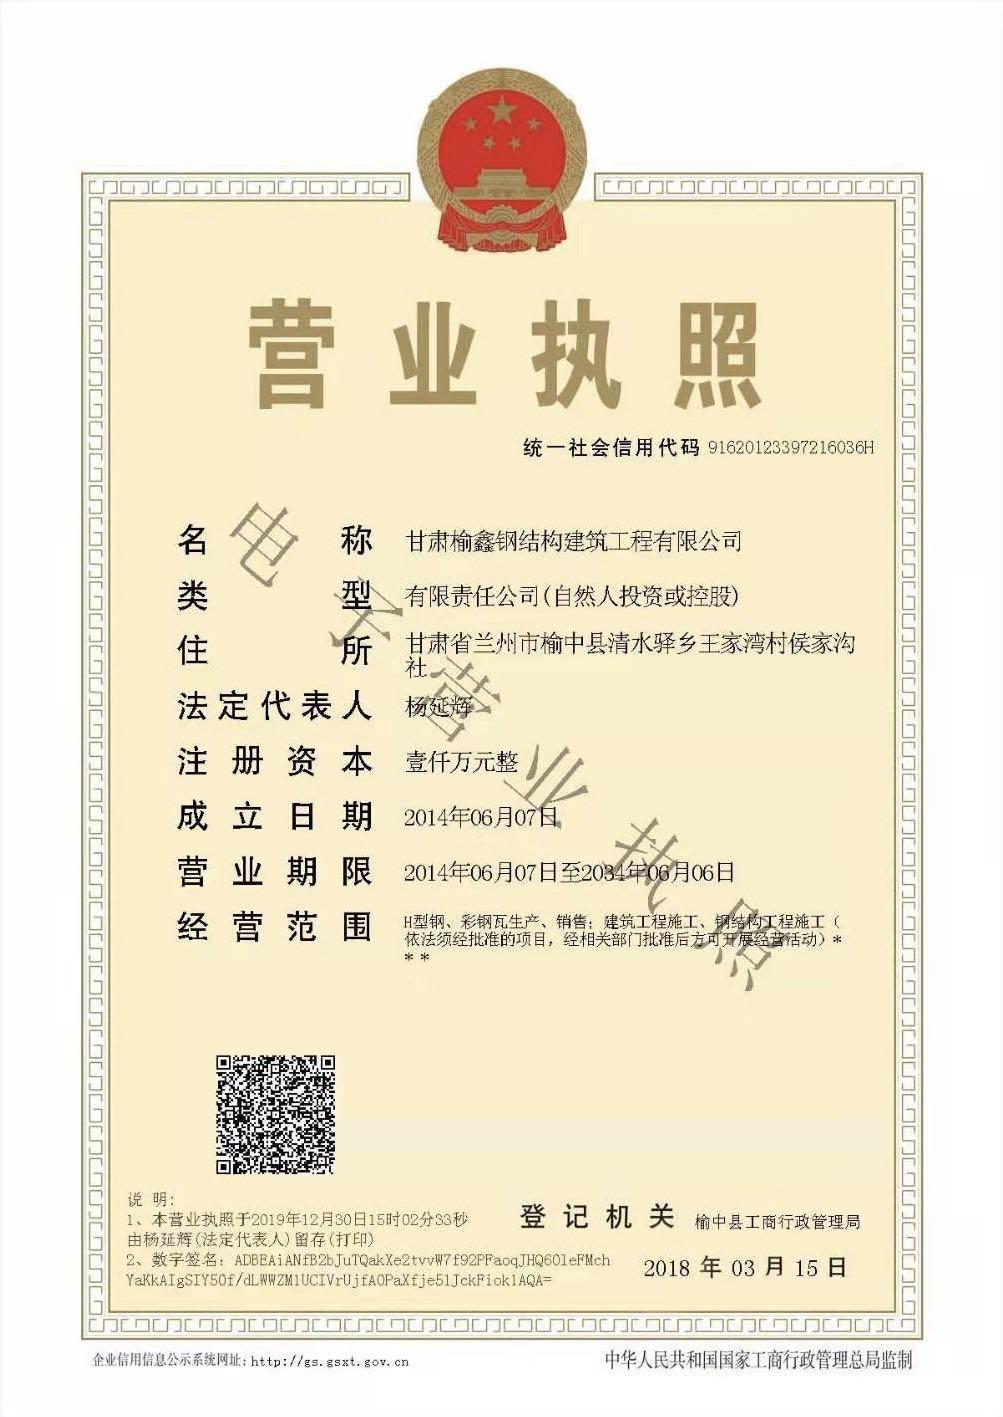 电子营业执照